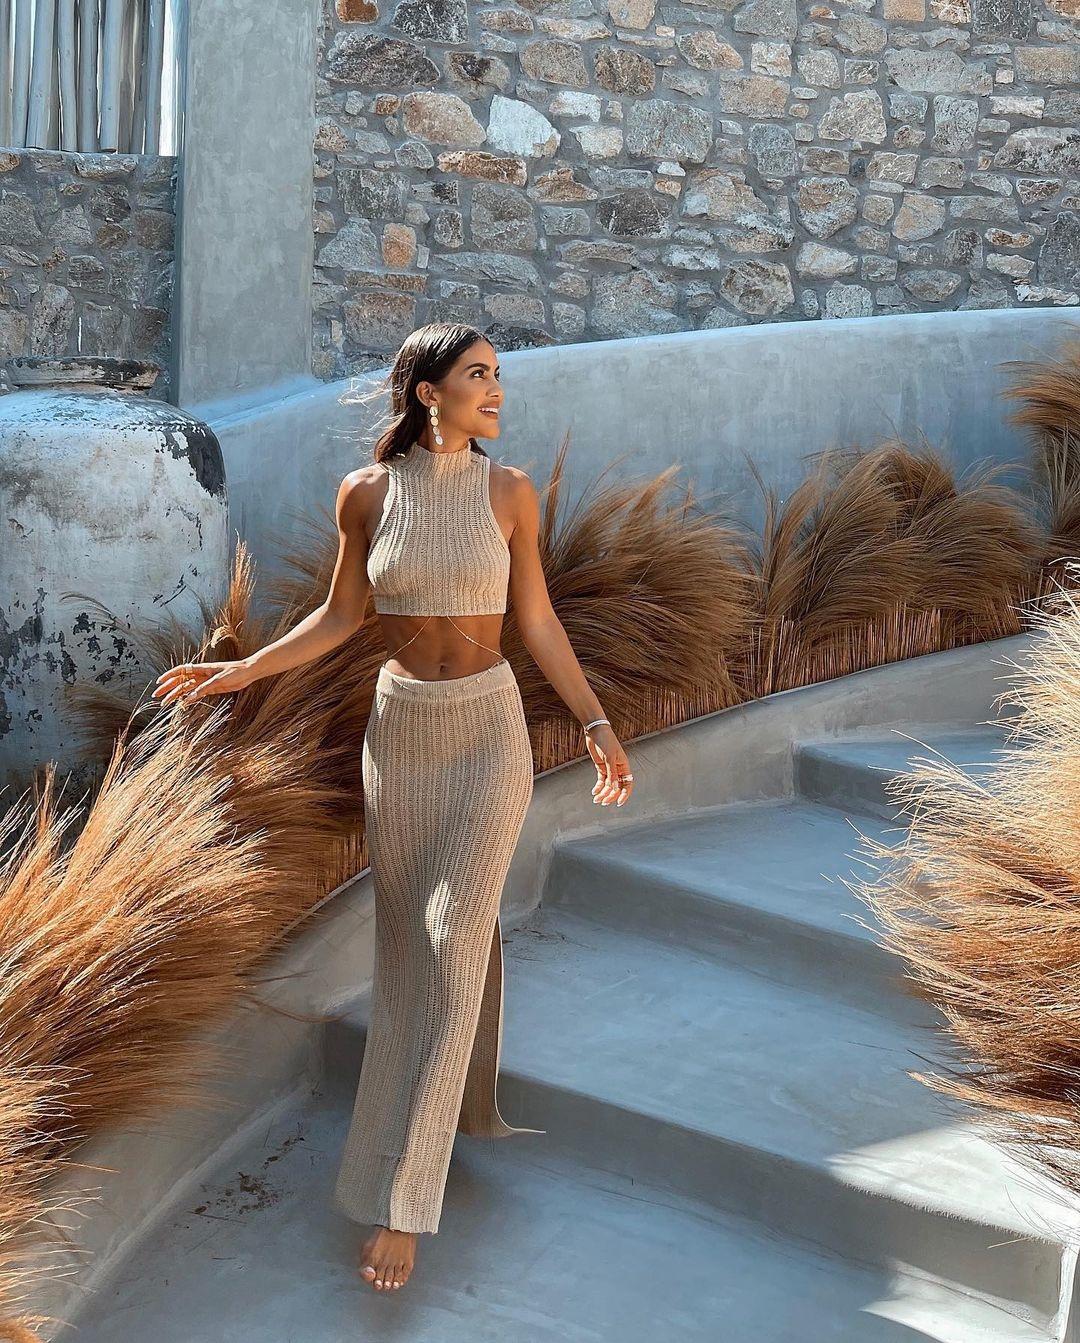 модный трикотажный костюм кроп топ юбка макси бежевый макси камила коэльо тренд лето 2021